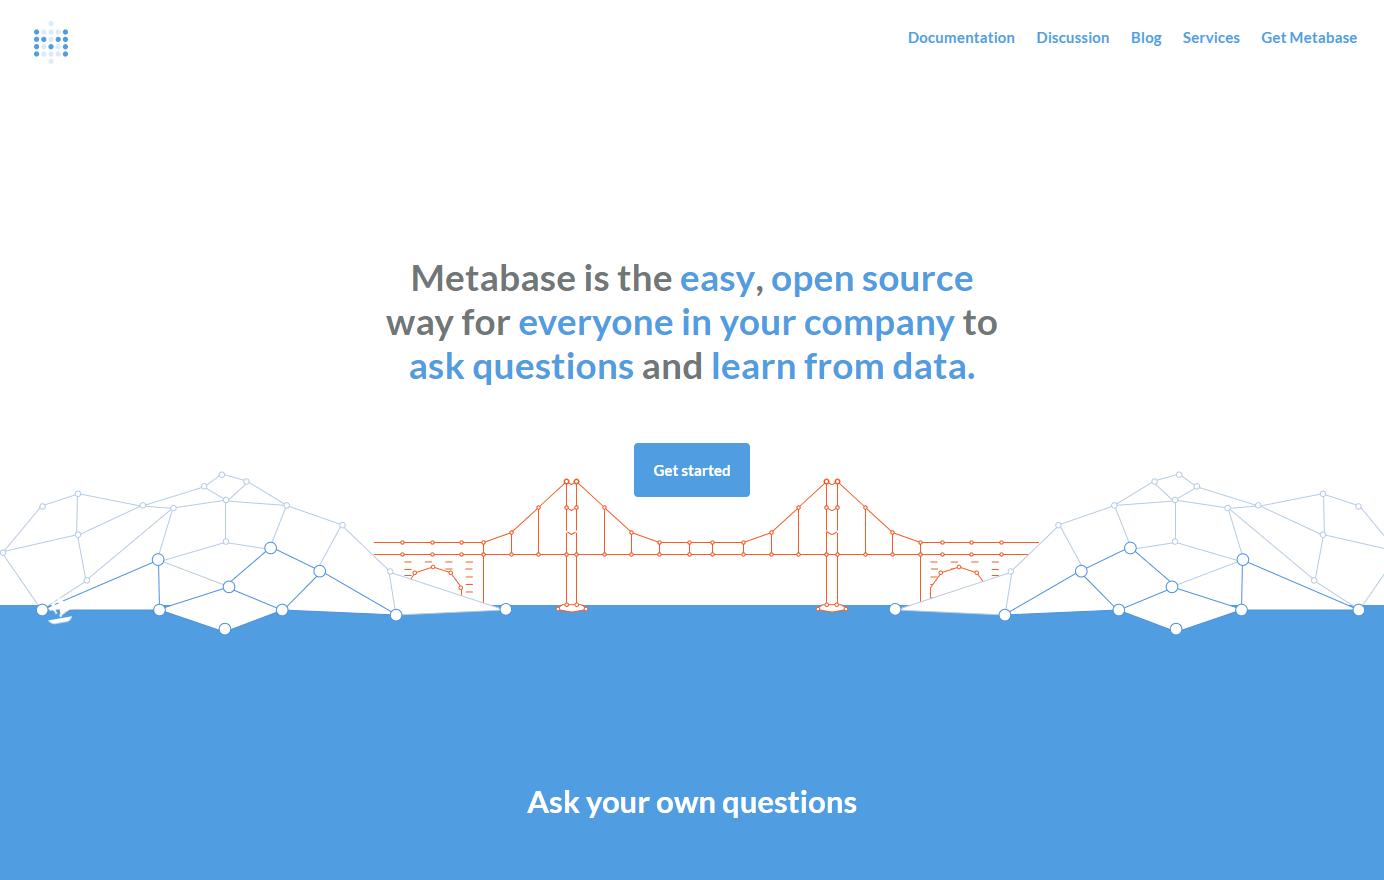 Windows環境でBIダッシュボードを構築できるOSS「Metabase」が手軽すぎて良い